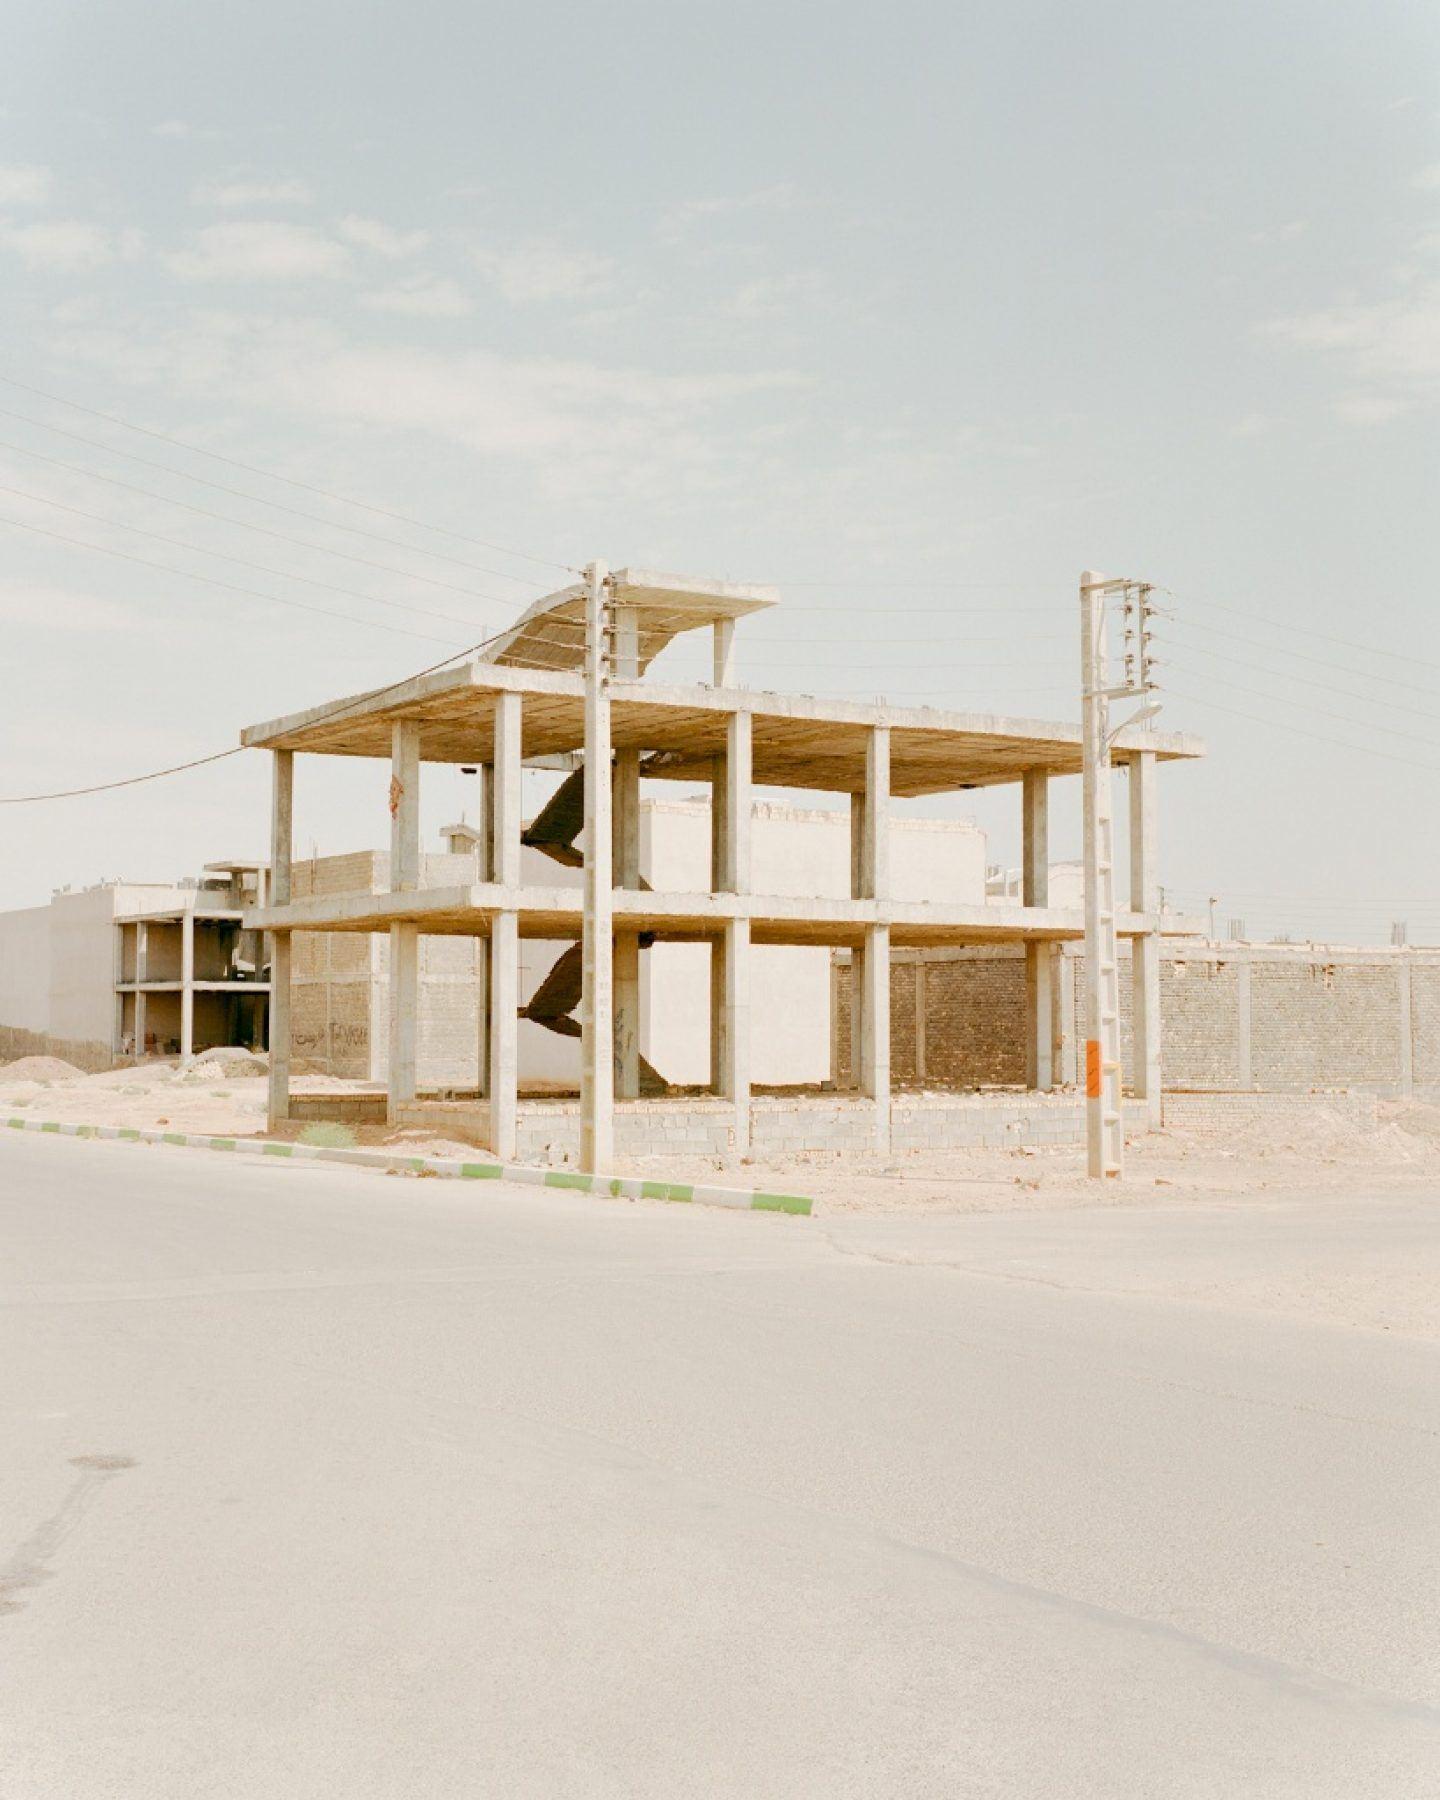 IGNANT-Photography-Matthieu-Litt-Through-The-Walls-2